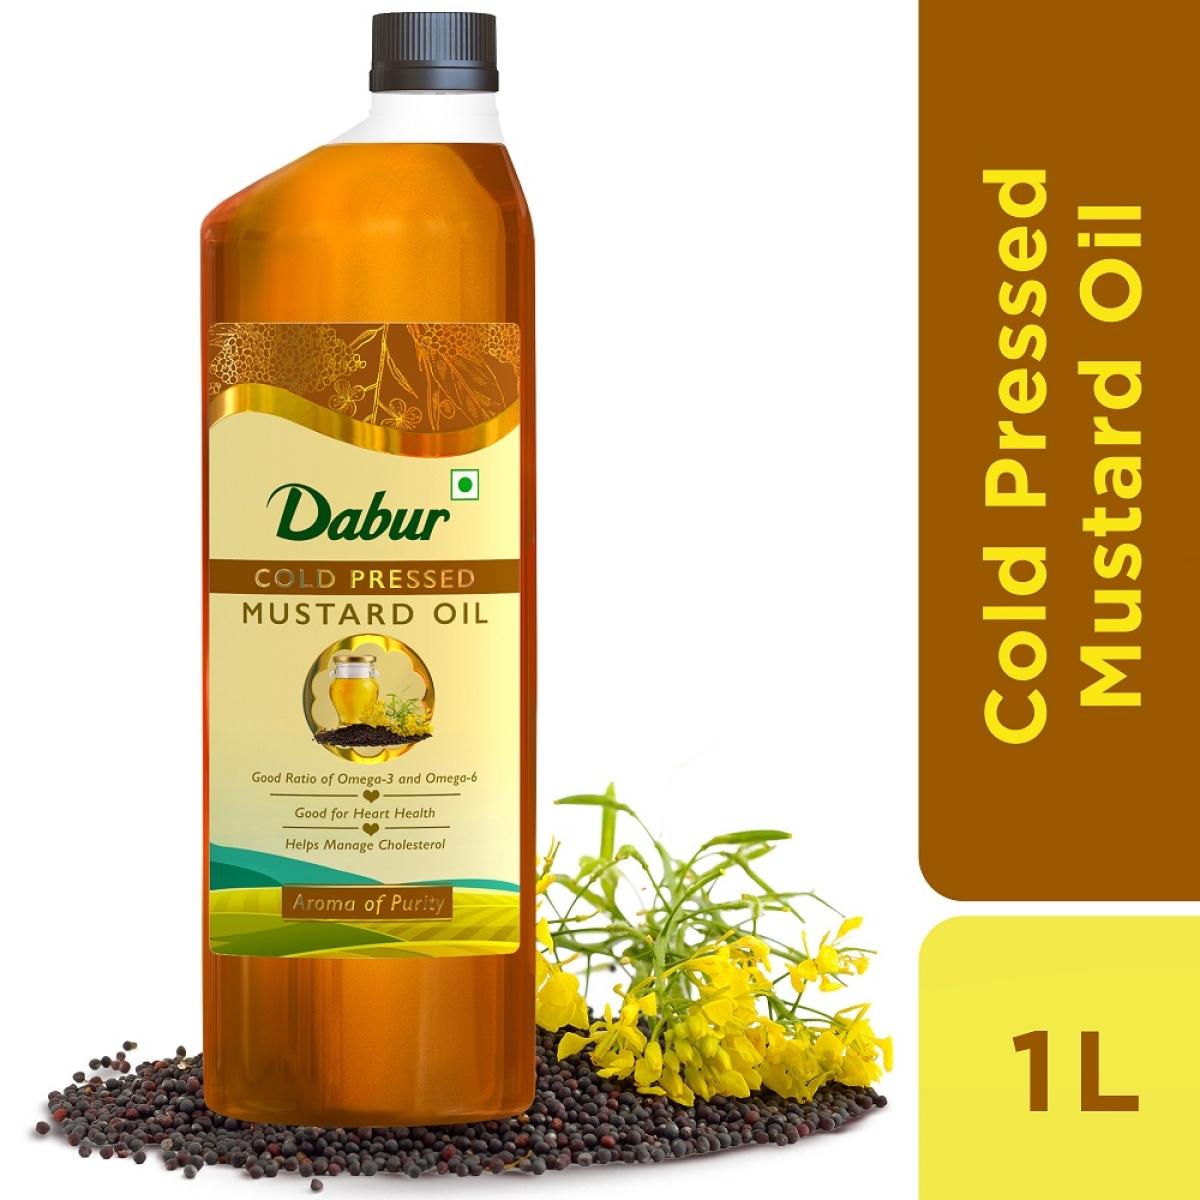 Dabur enters edible oil segment with 'Dabur Cold Pressed Mustard Oil'